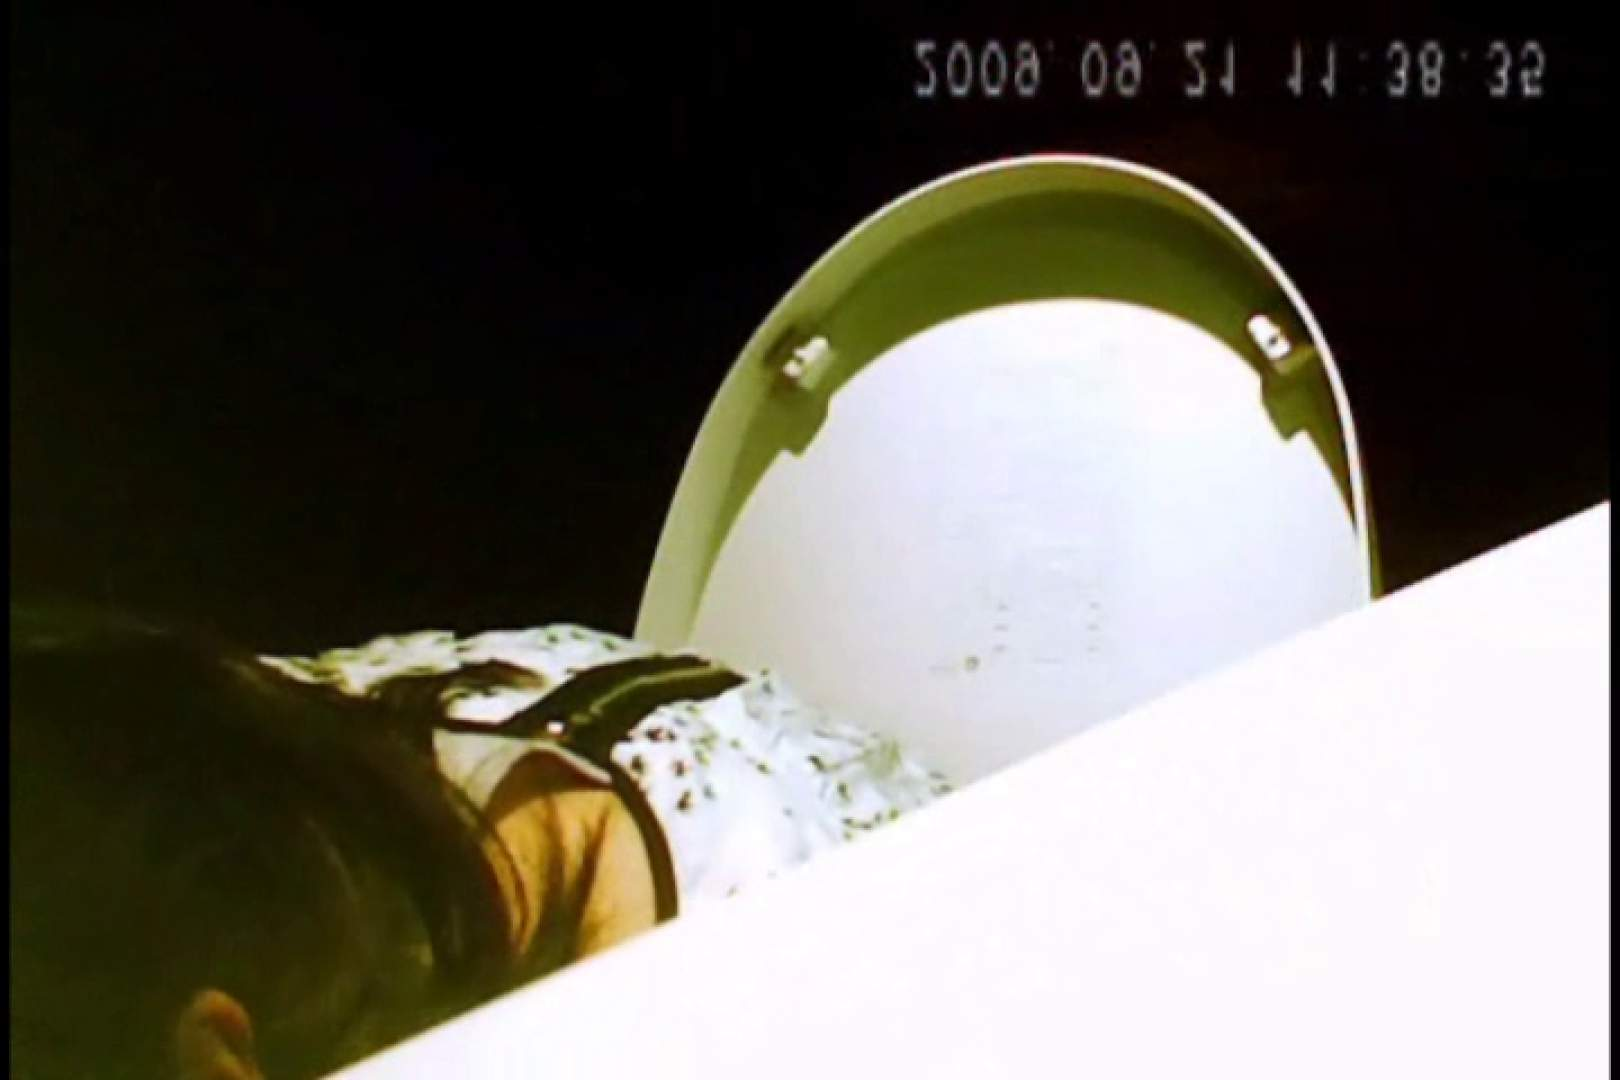 亀さんかわや VIPバージョン! vol.21 黄金水 AV動画キャプチャ 78PIX 54